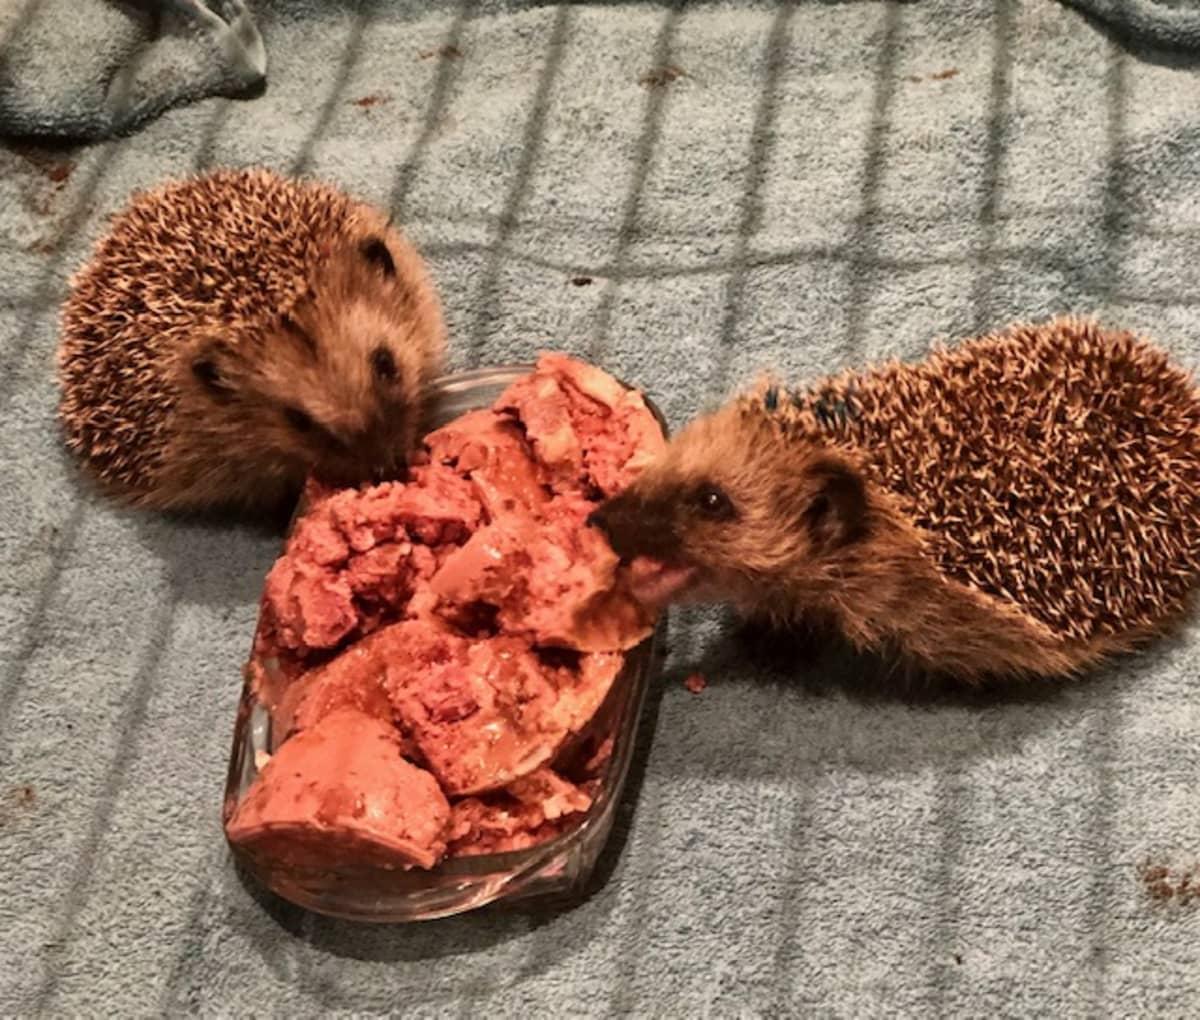 Orpoina pelastetut siilinpoikaset painoivat löytöeläinkotiin saapuessaan vain 70 grammaa. Nyt suursyömärit ovat 300g painoisia.